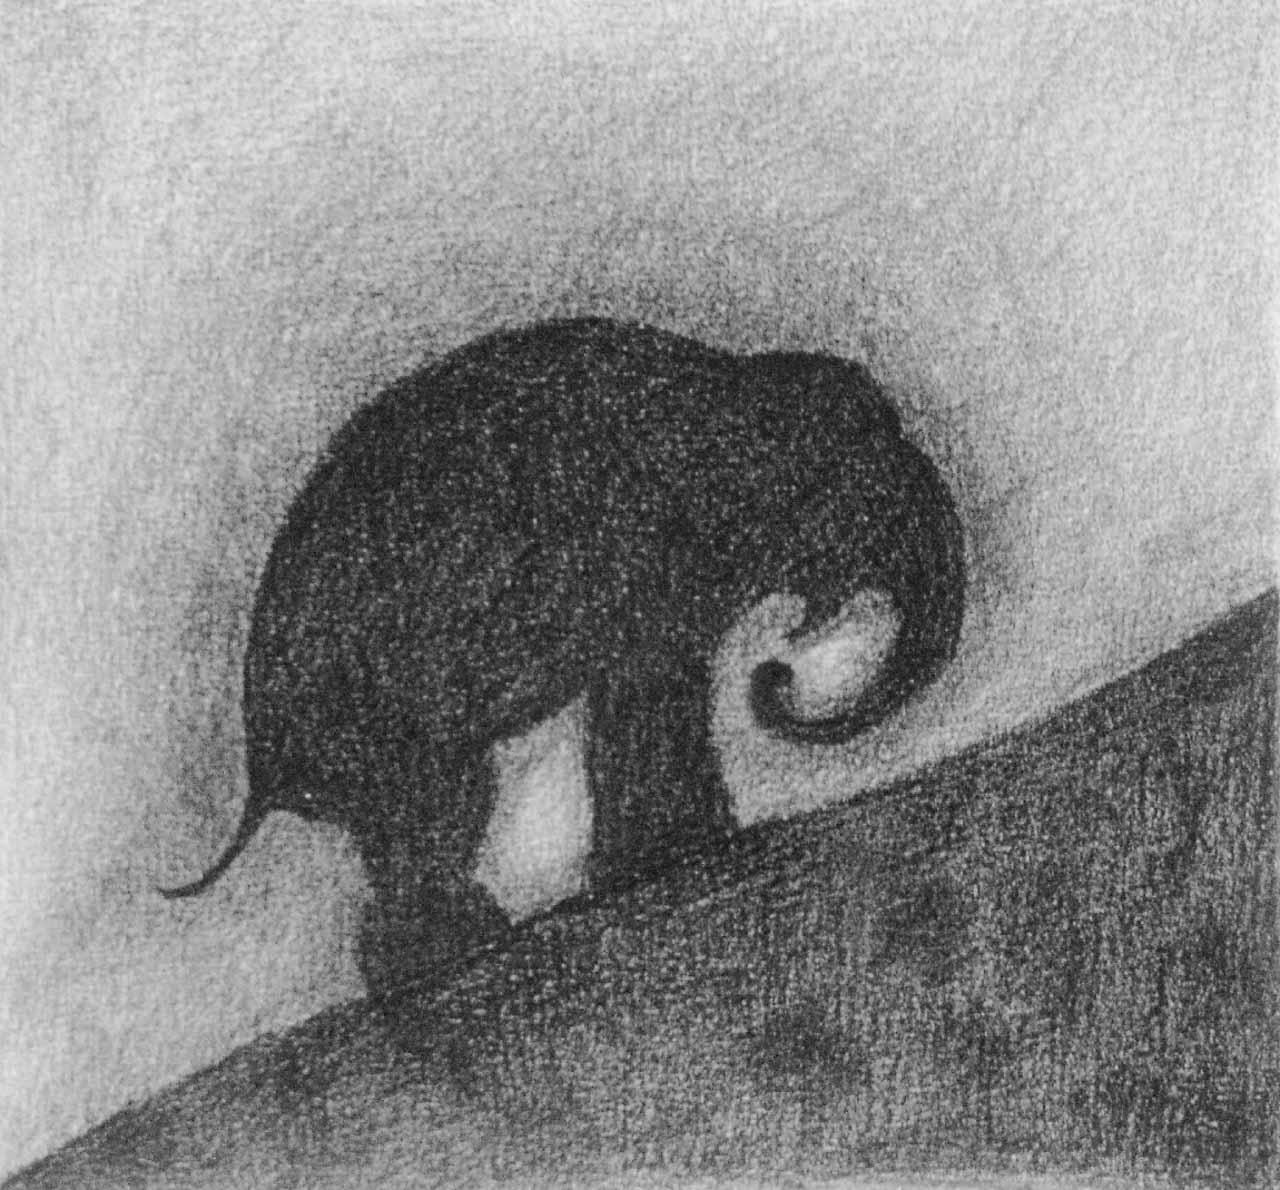 Sisyphus - Grafitstift auf Papier - von Judith Kaffka - kunstpunkt-bern.ch